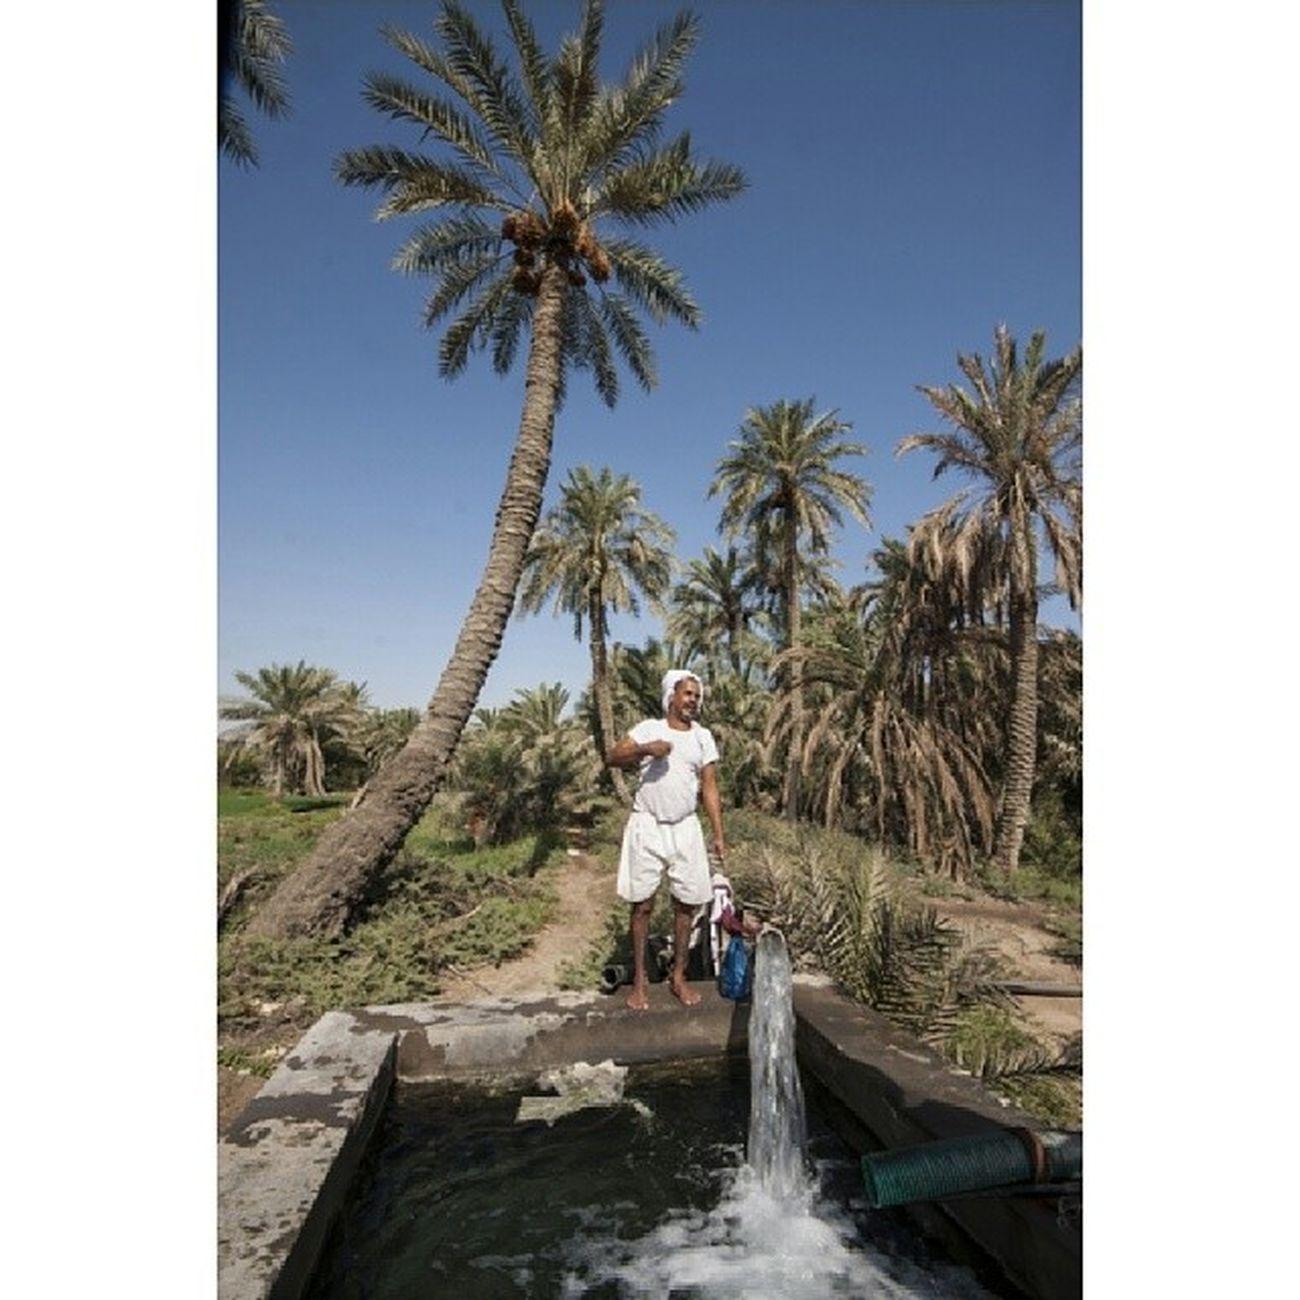 ___ صباح الهدى من ضوء وجهك مسفر ومن نوره ليلُ التهجد مقمرُ  الحلي  البحرين Bahrain Duraz الدراز bh_photographer